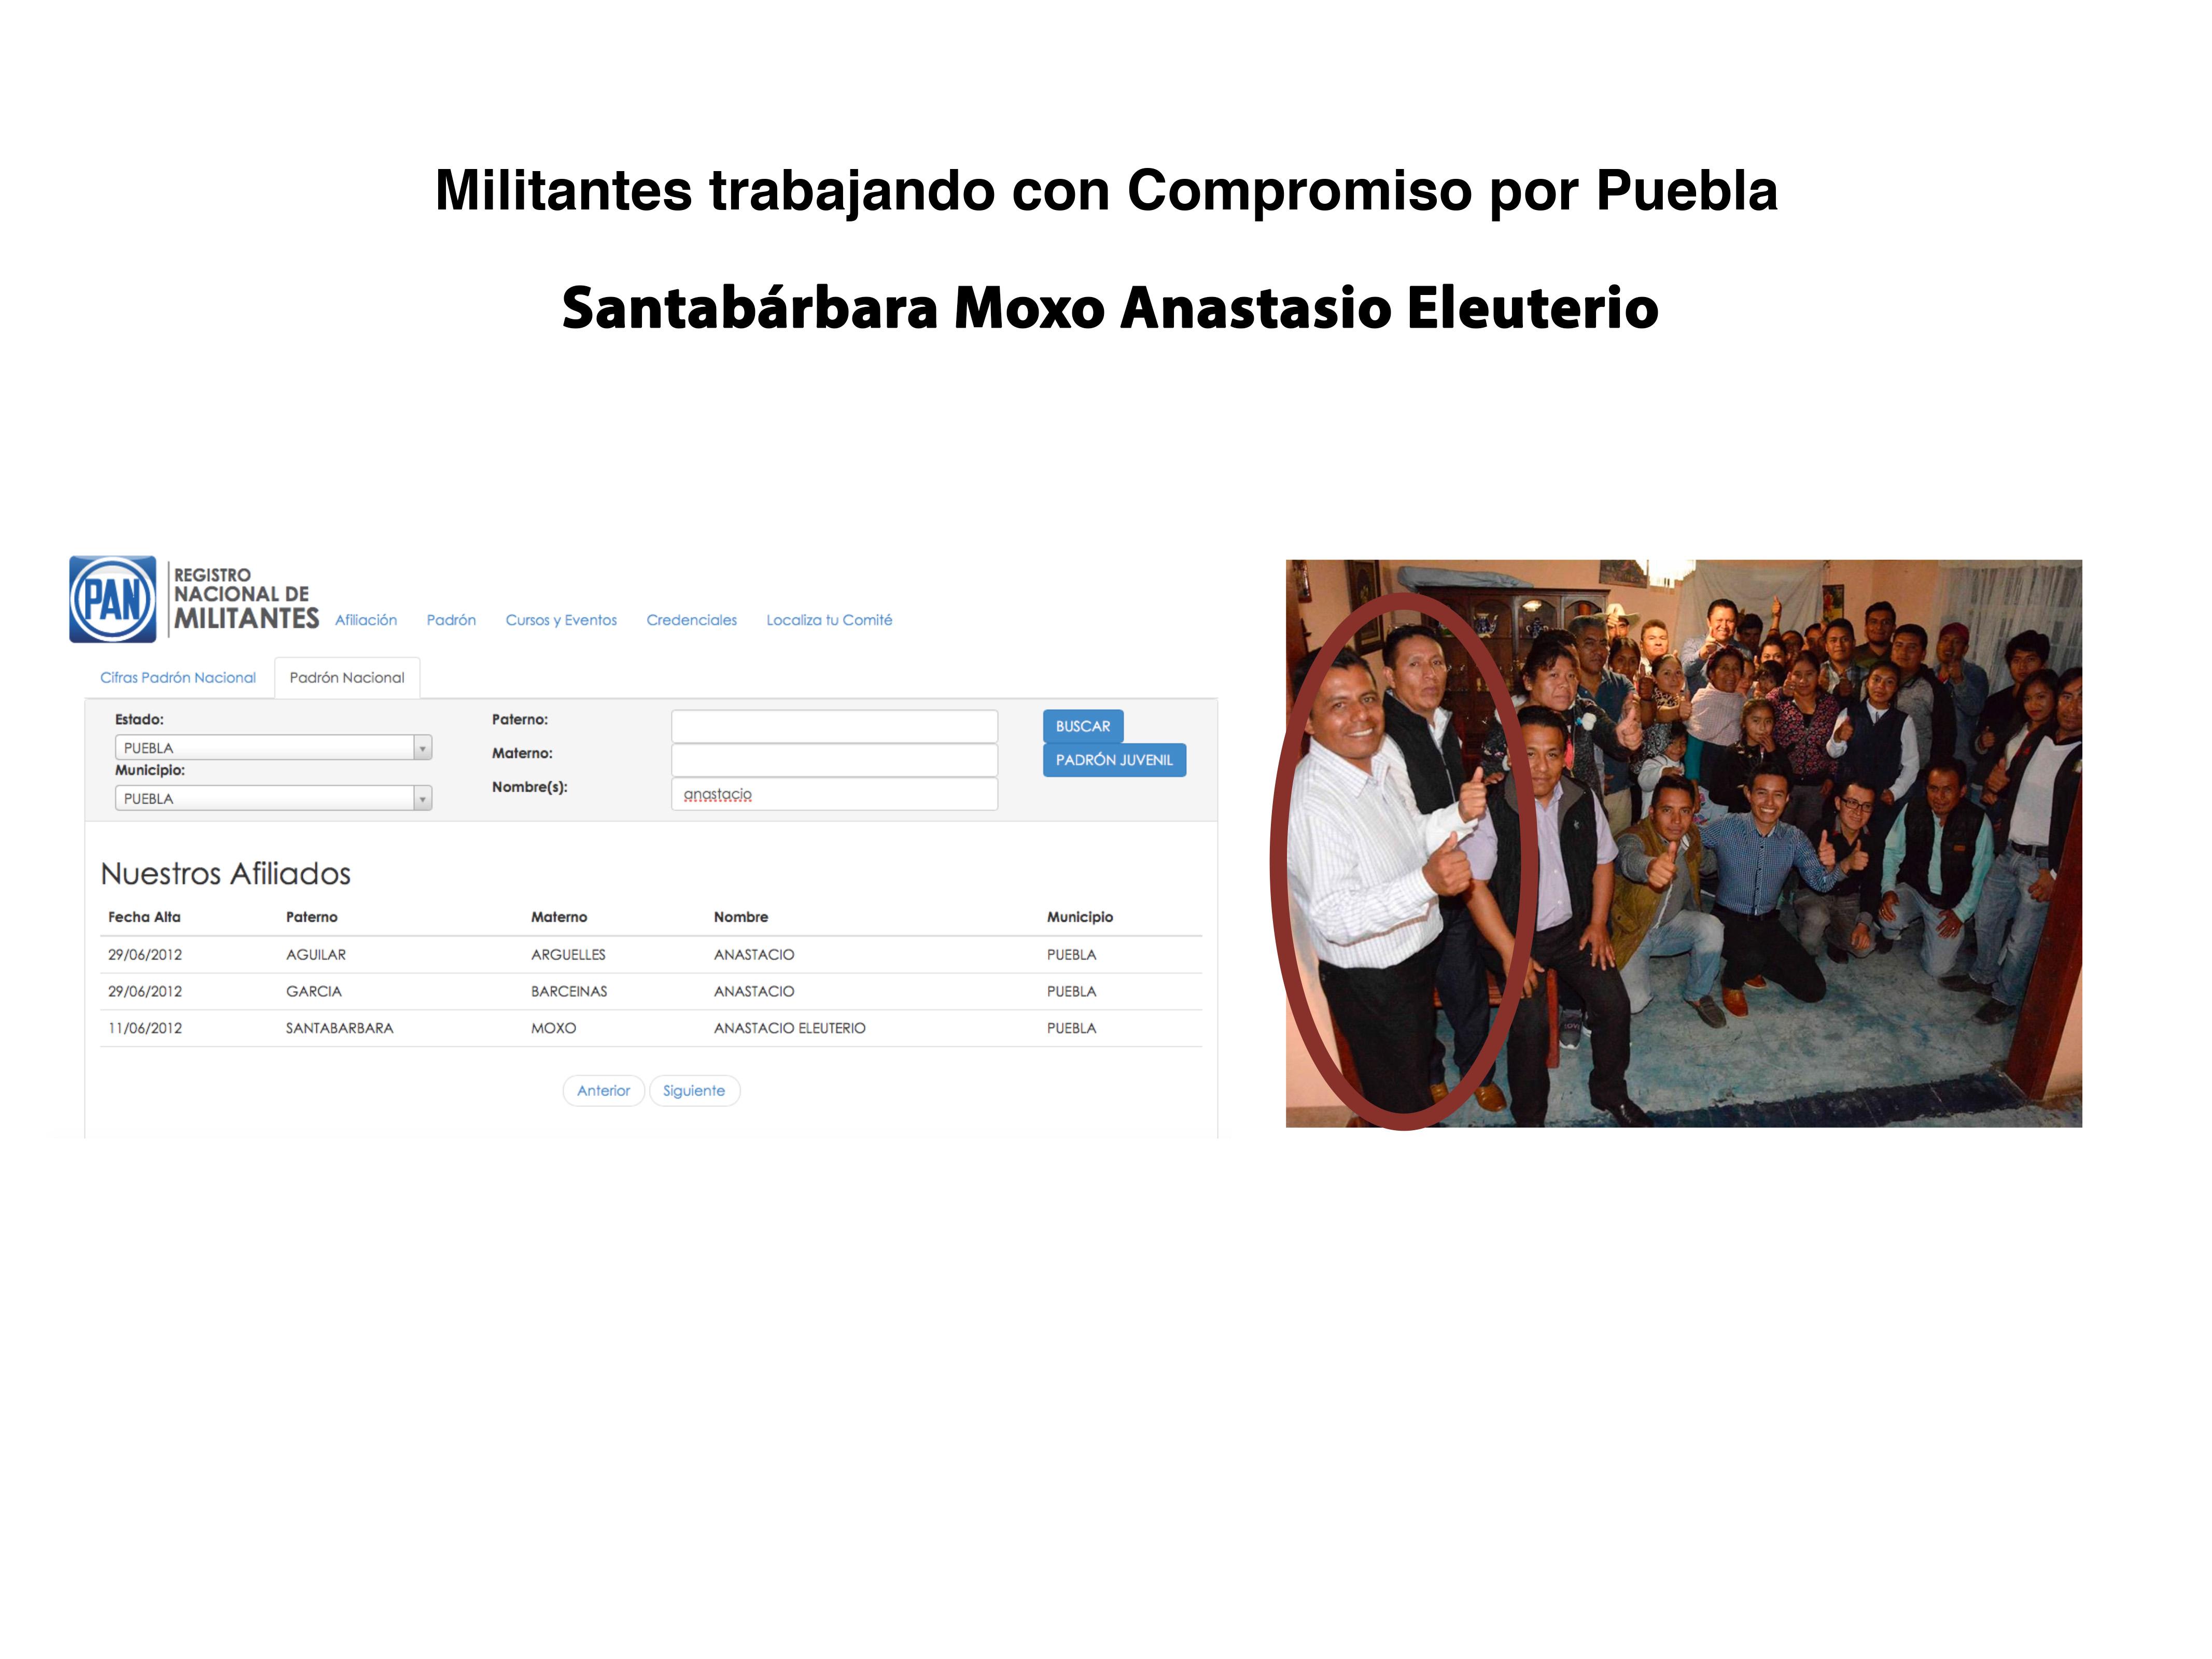 Militantes trabajando en otros partidos.key